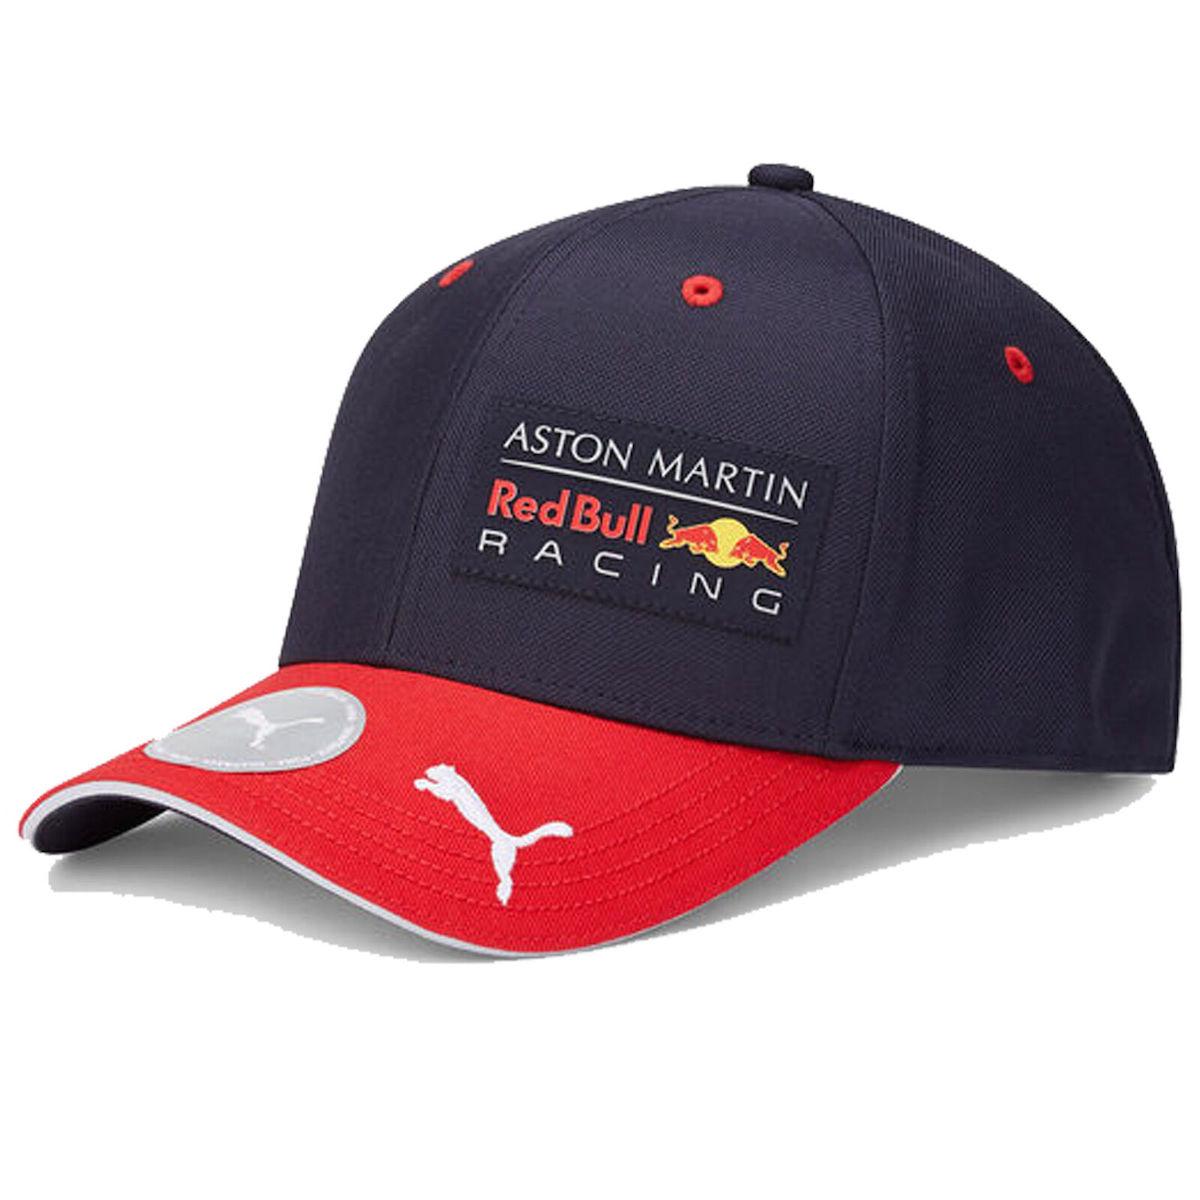 送料無料 Aston Martin タイムセール Red Bull Racing Team ネイビー アストン キャップ レッドブルー Cap 新作 大人気 帽子 マーチン